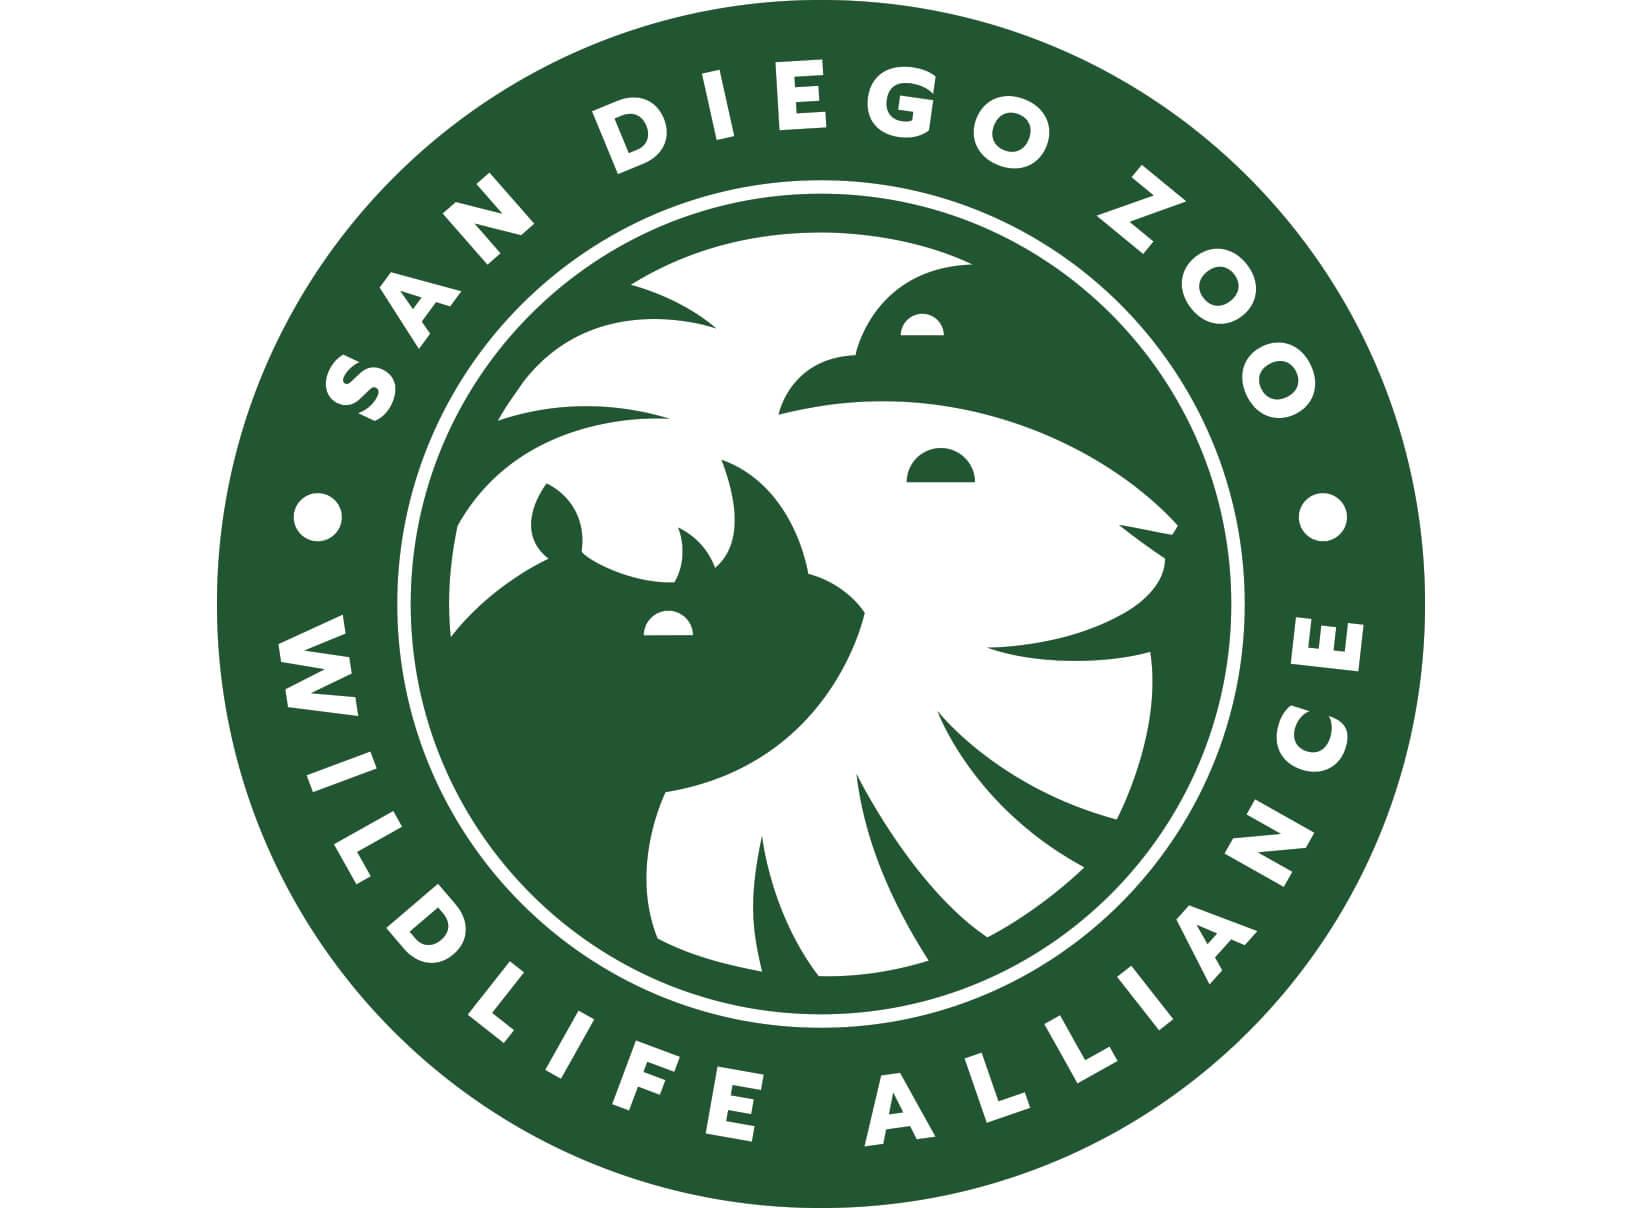 SDZ Global logo